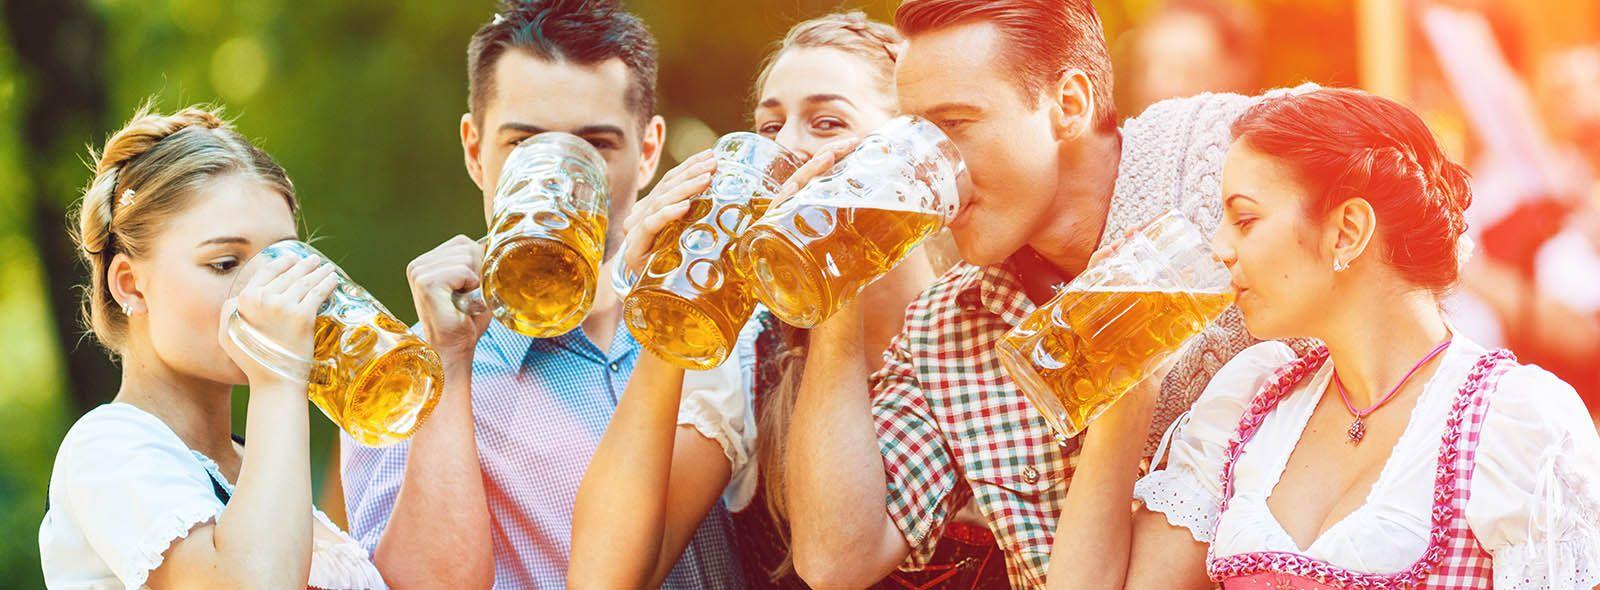 Quando si festeggia la festa della birra Monaco